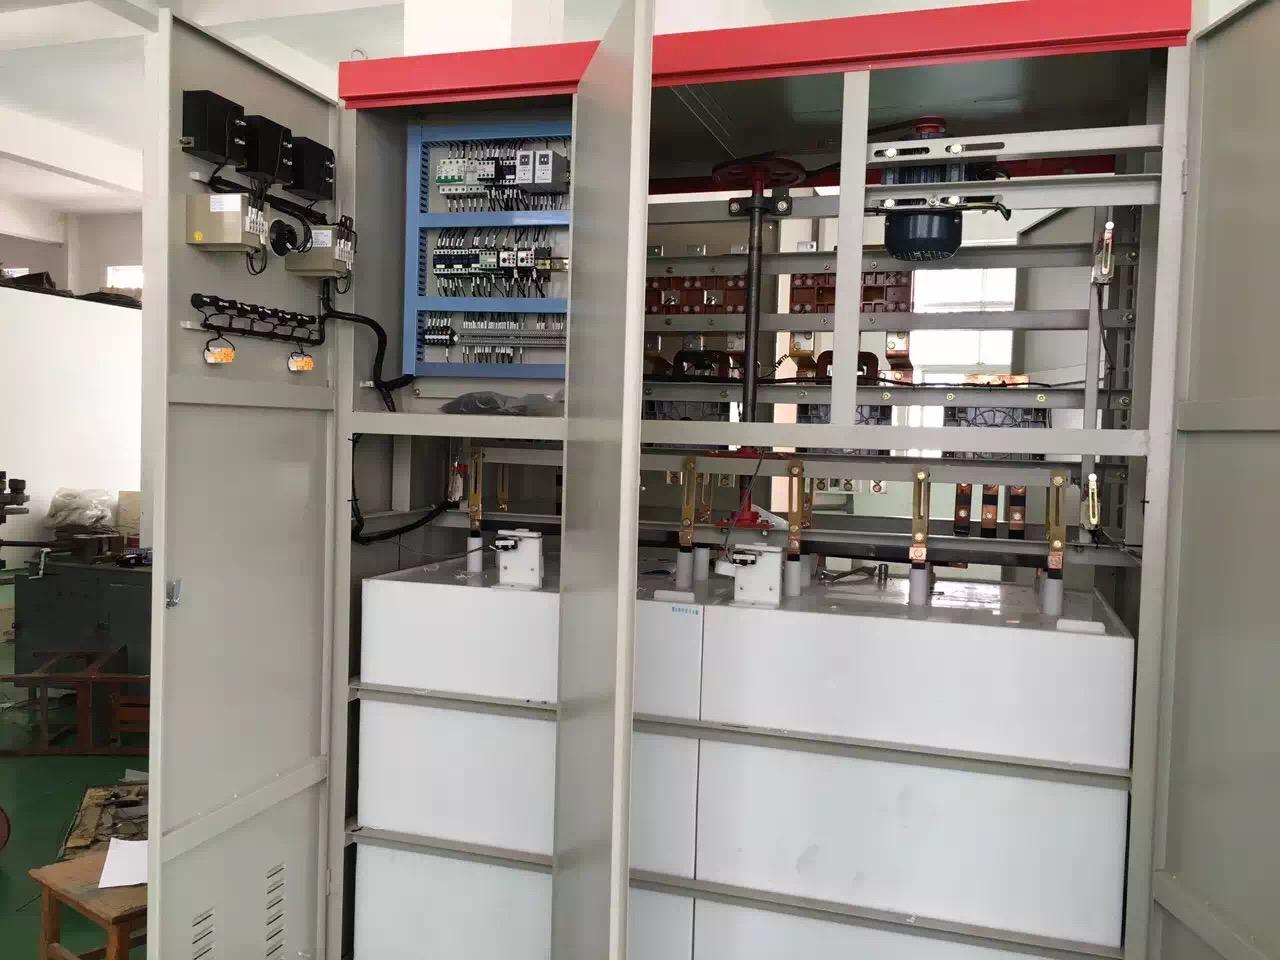 高压固态软启动柜的主要特色